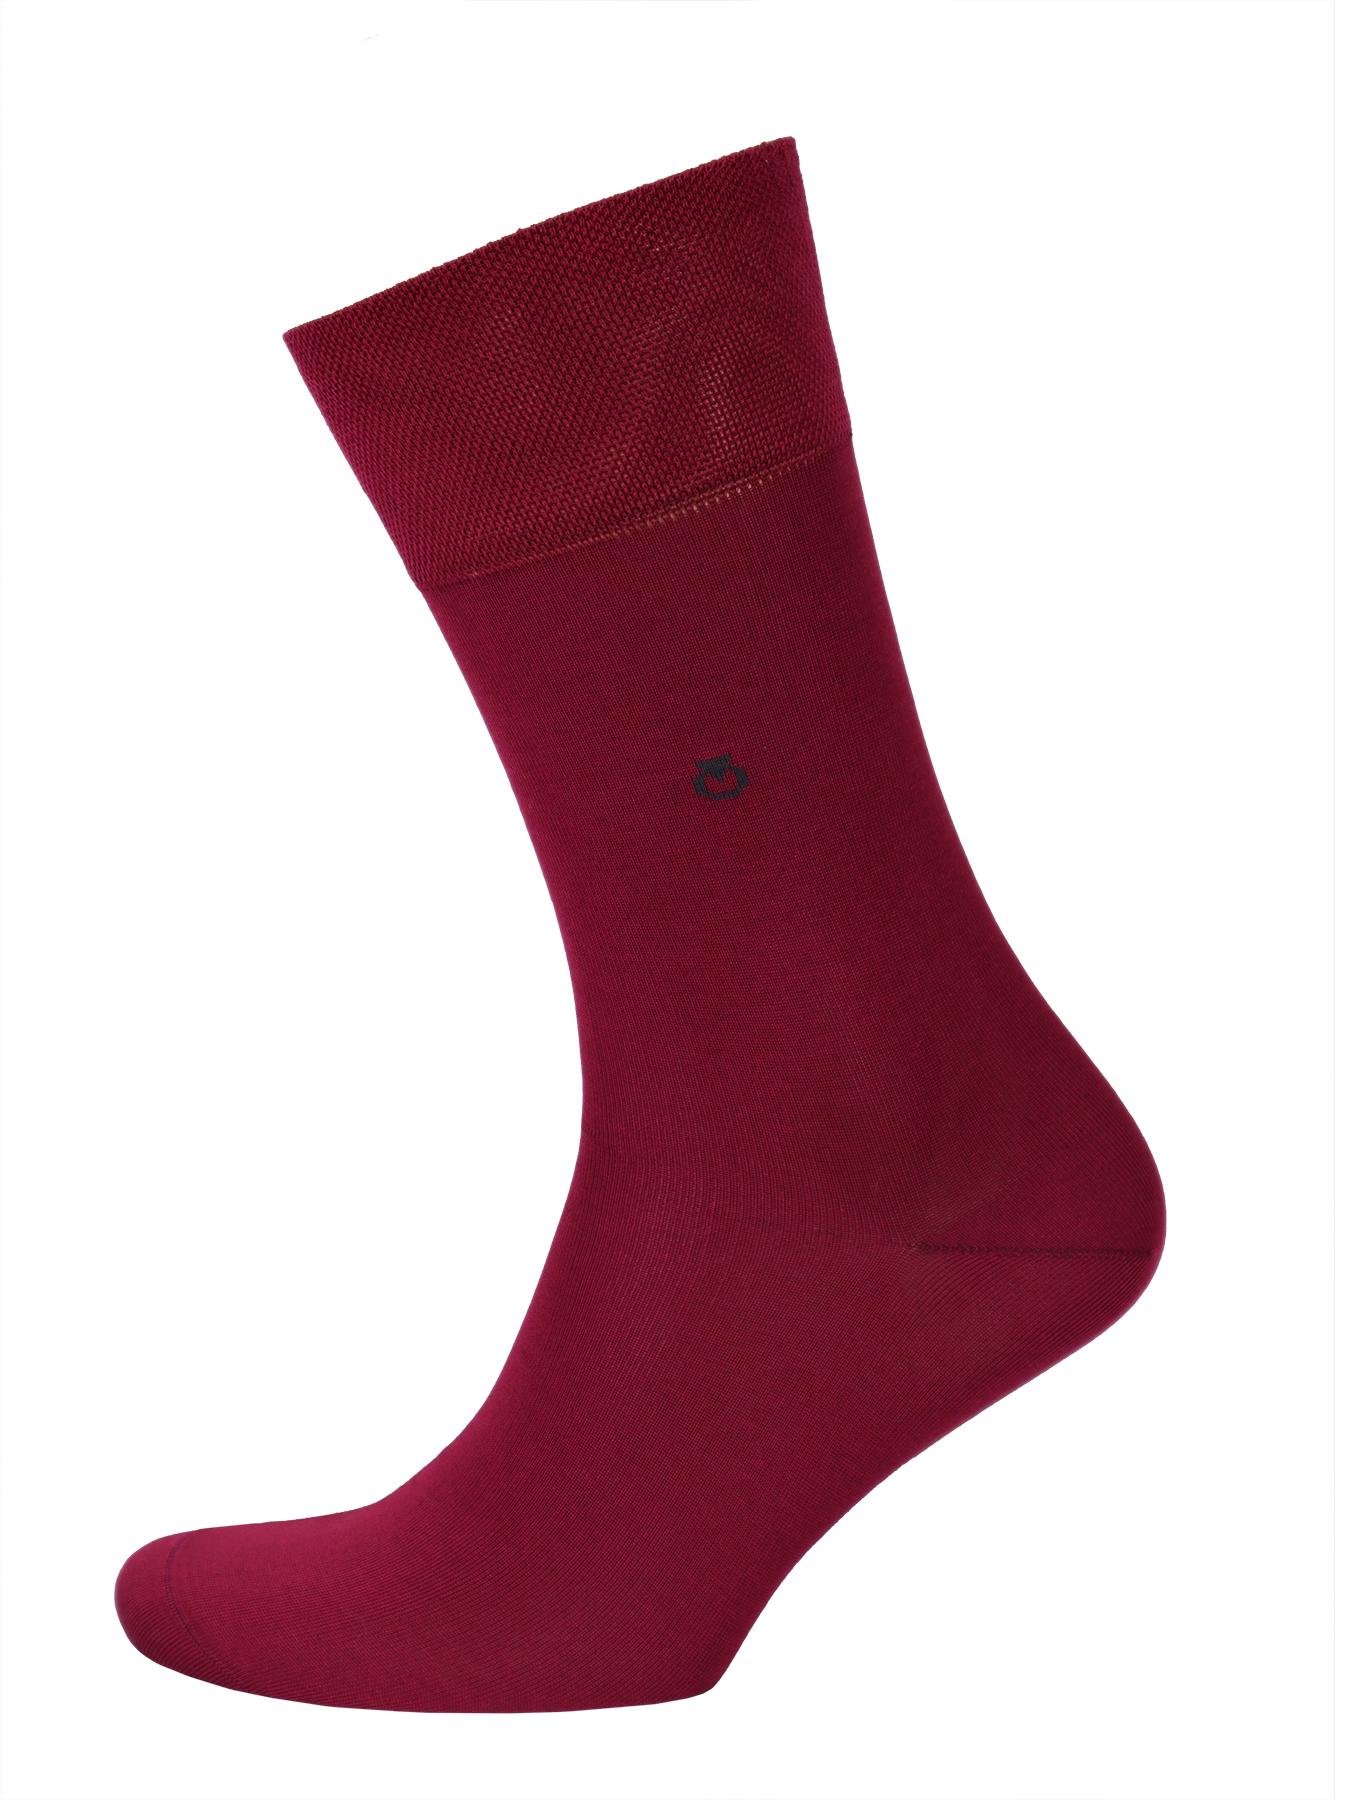 Мужские носки Opium Premium ярко-бордовый